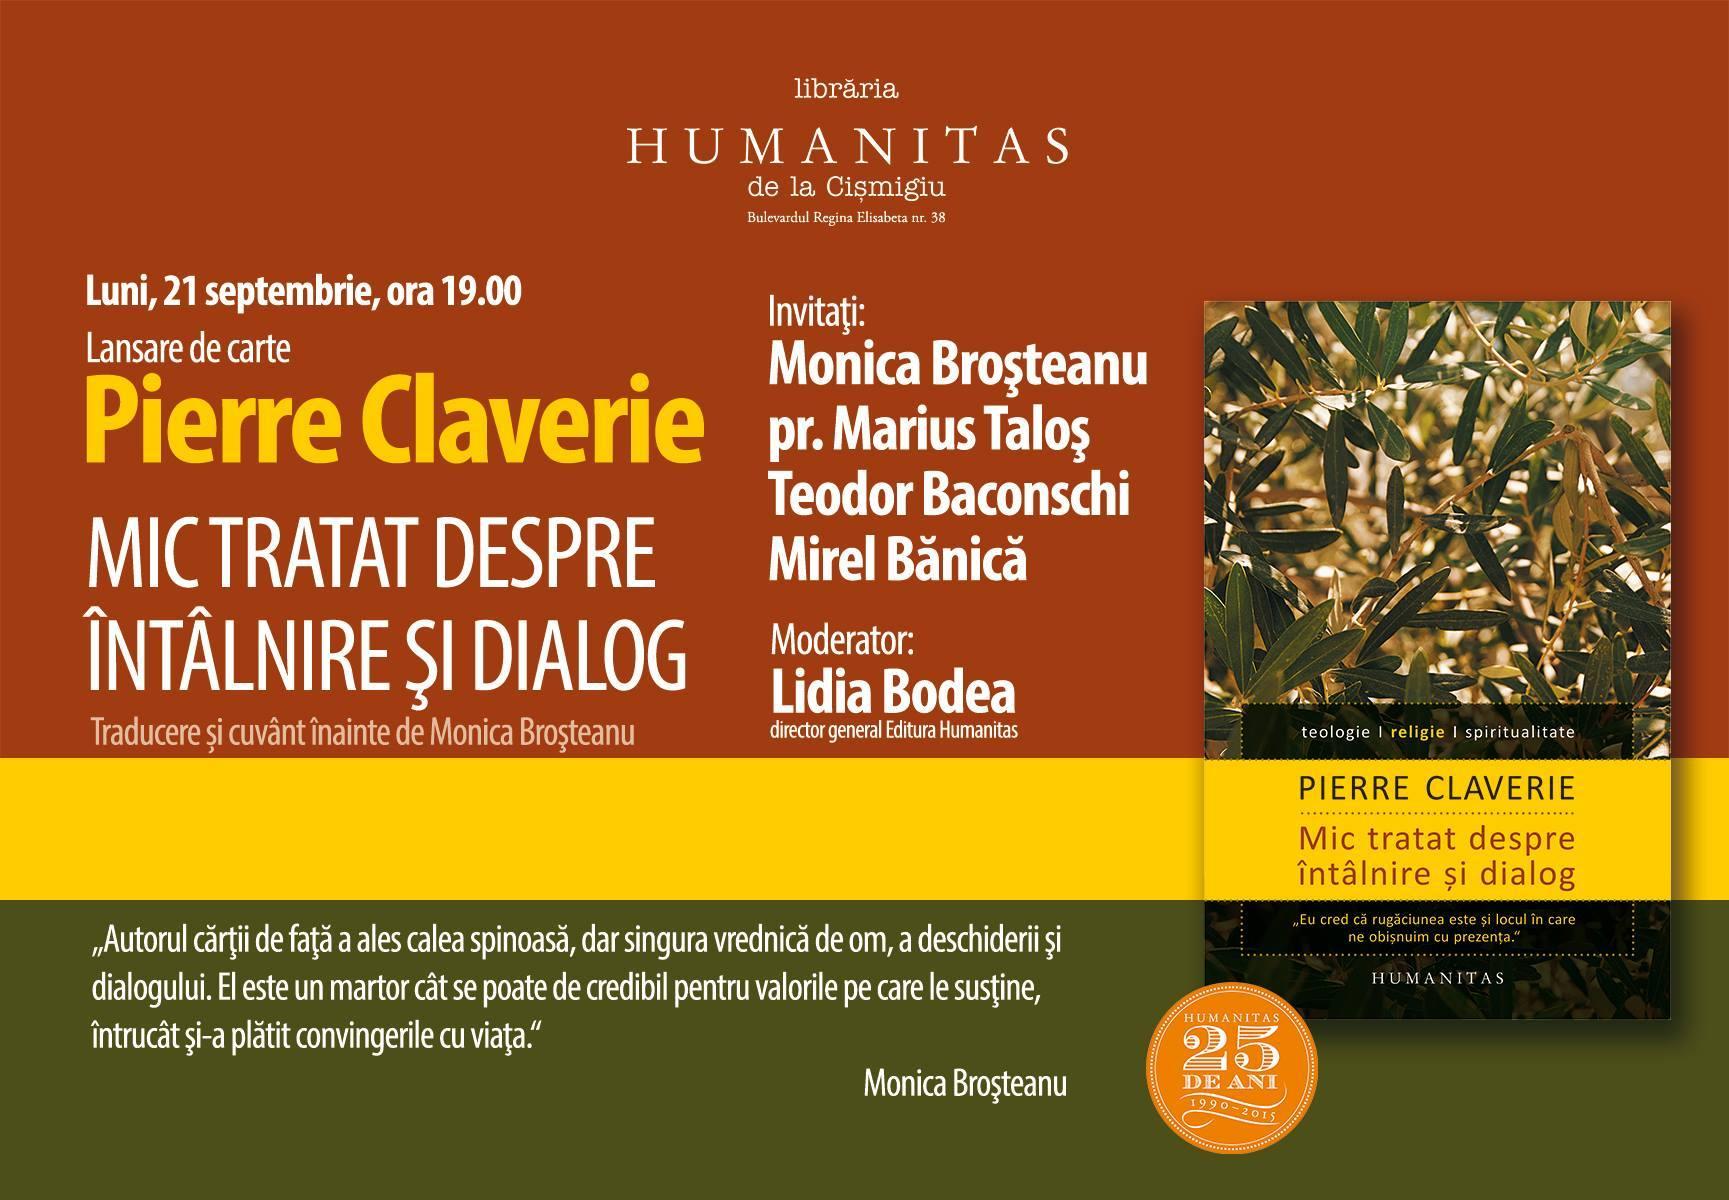 Despre întâlnire şi dialog în tulburătoarea carte a părintelui Pierre Claverie